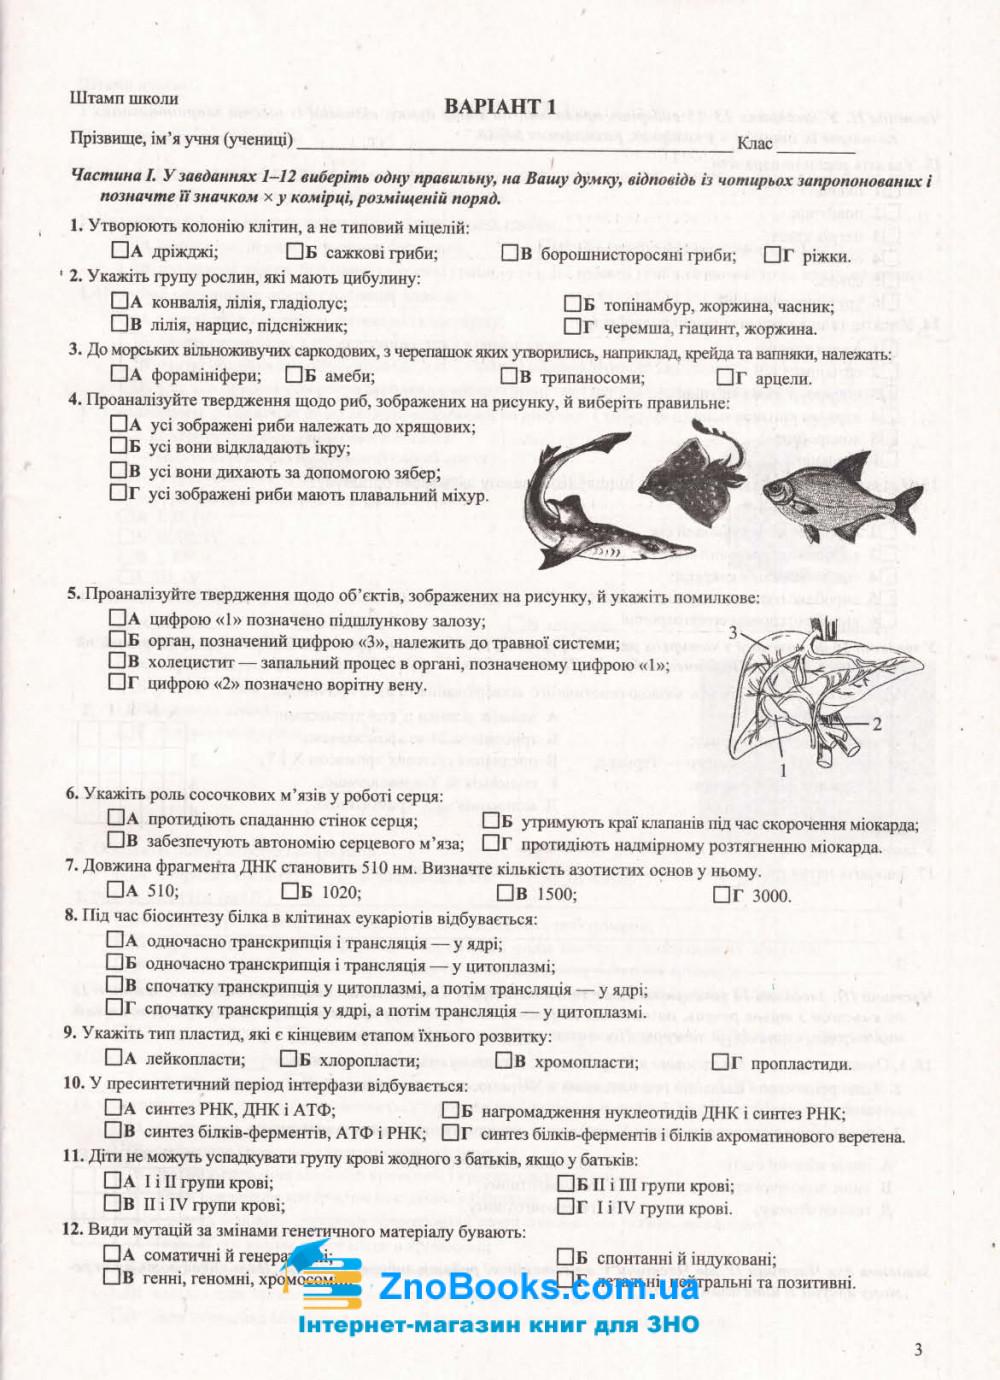 ДПА 9 клас 2021. Барна І. Біологія  /КОМПЛЕКТ/ Збірник завдань + відповіді. Підручники і посібники 4